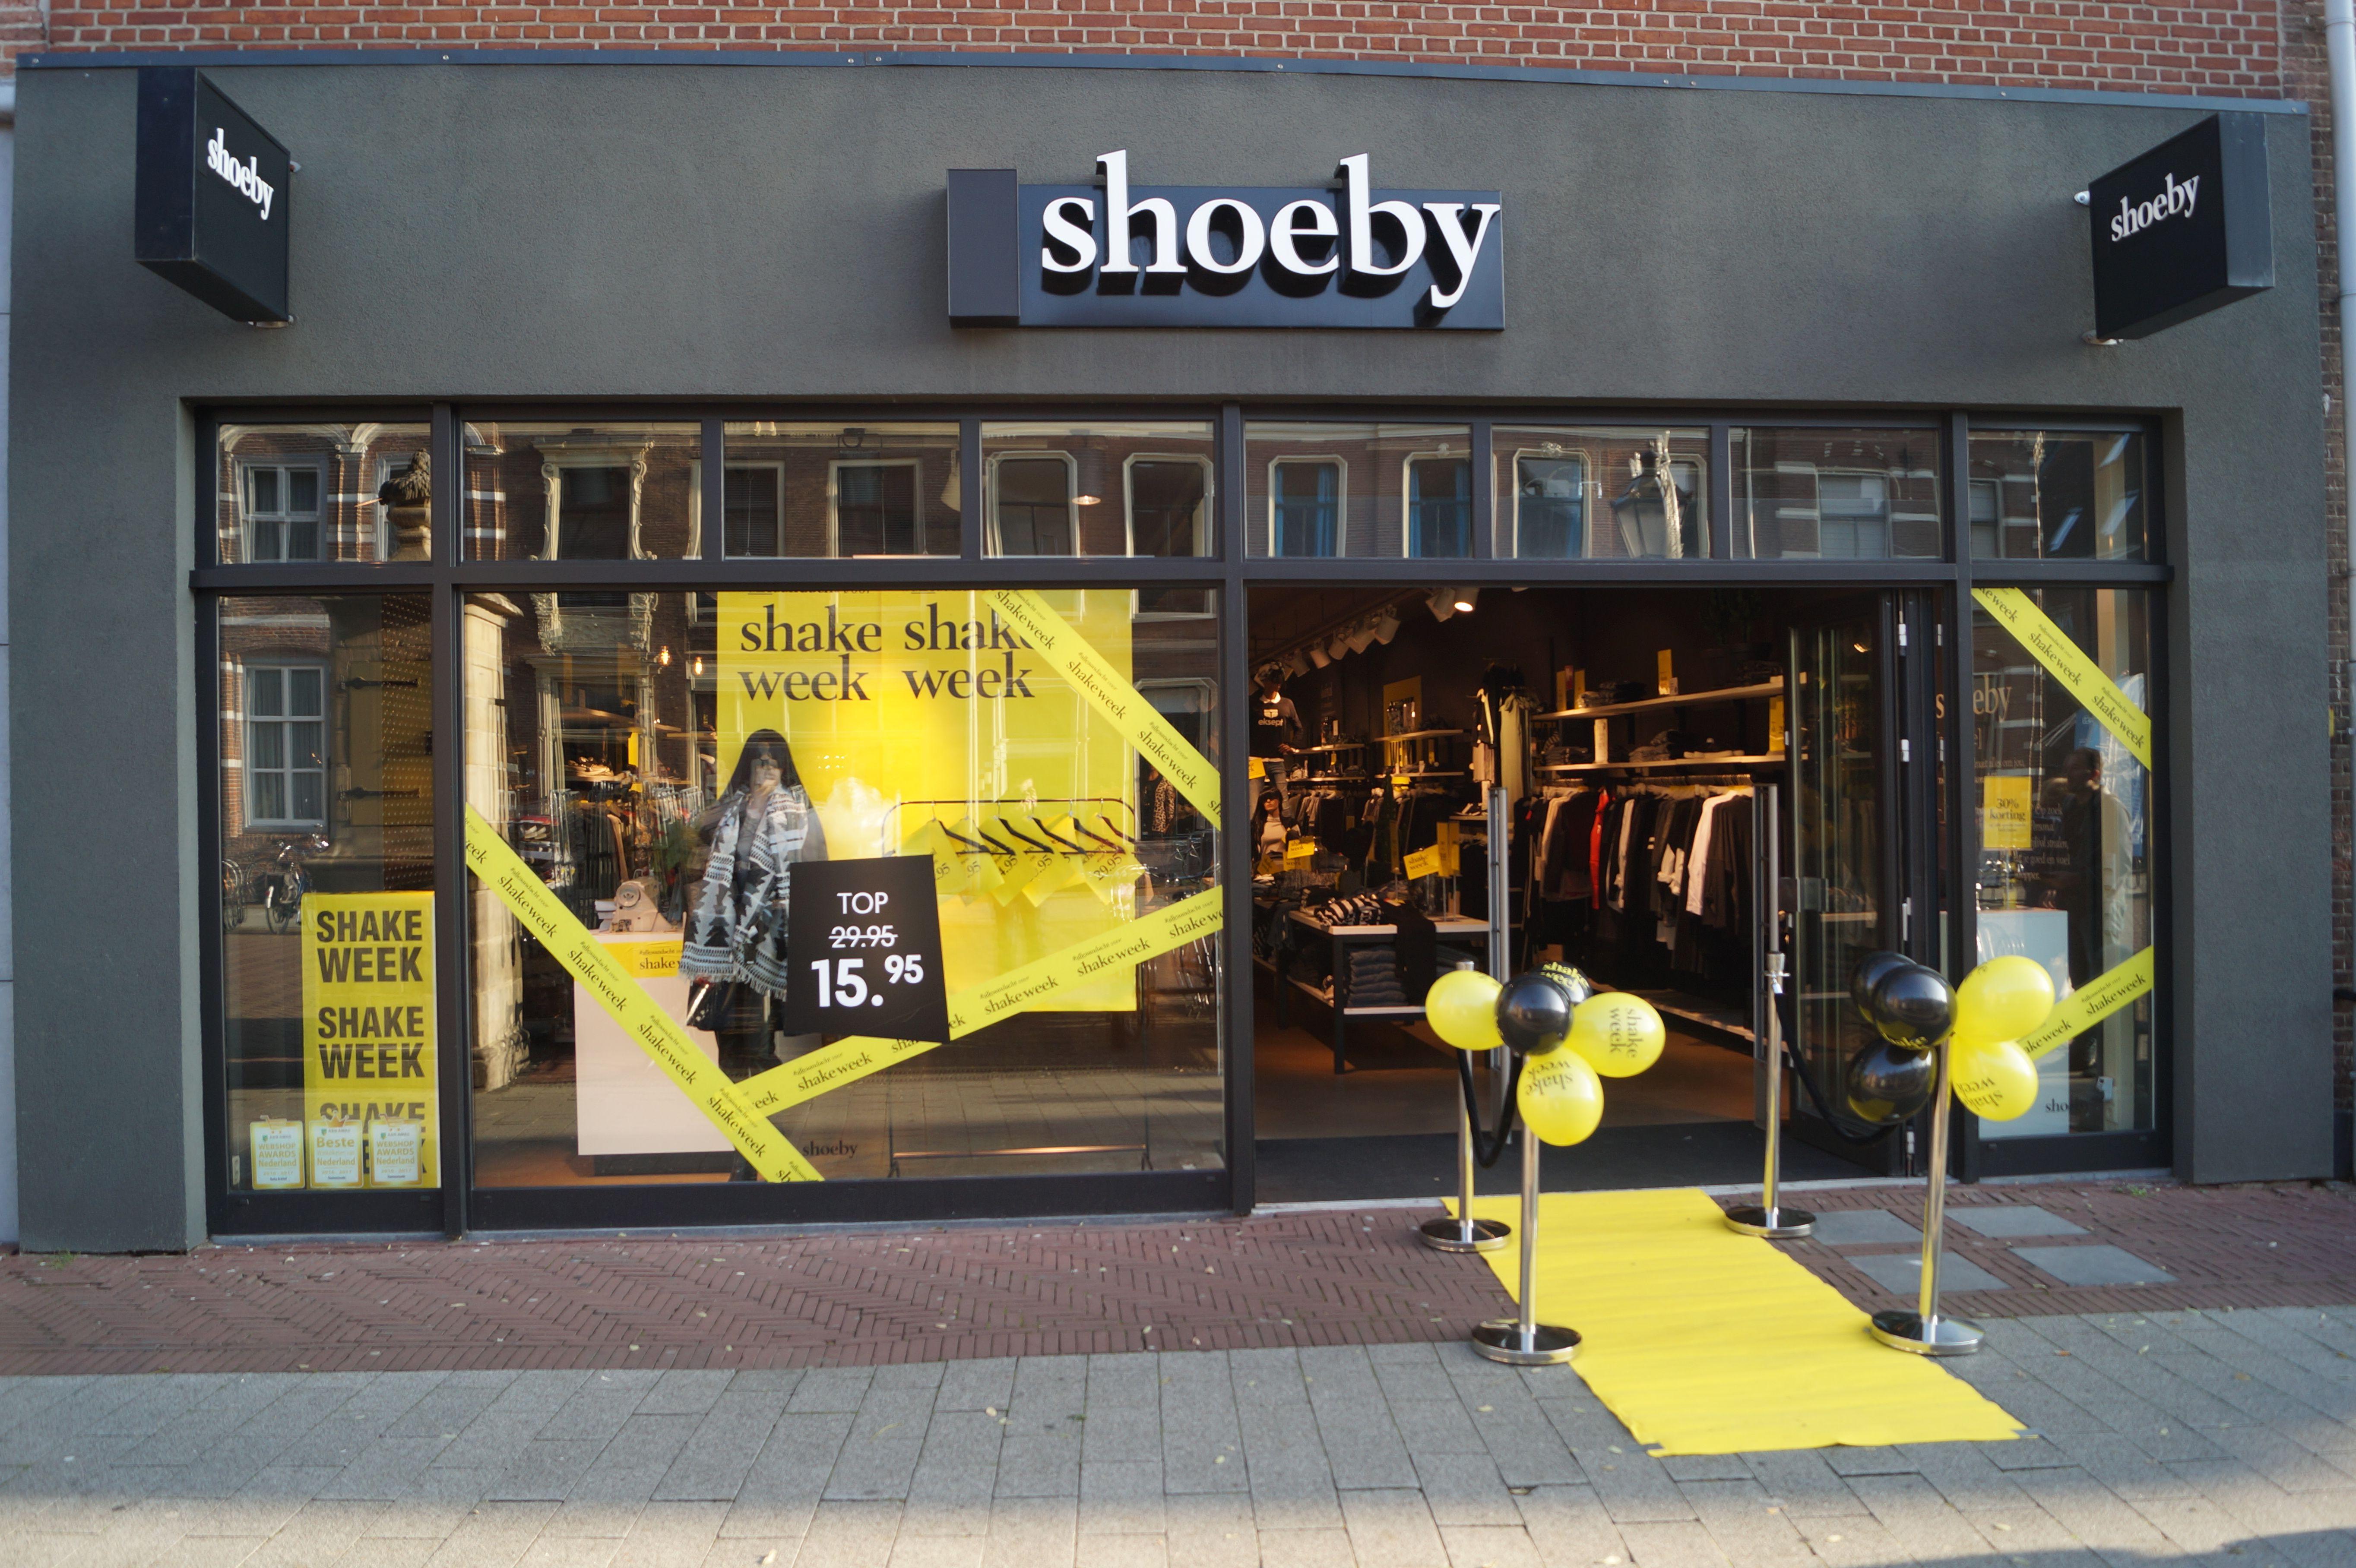 Geurbeleving tijdens de Shake Week! Shoeby Culemborg heeft de Zaluti Air: 1 staan en dat ervaren hun klanten! Voor meer informatie over de Air:1, neem een kijkje op onze website: http://allsens.nl/geur-machine